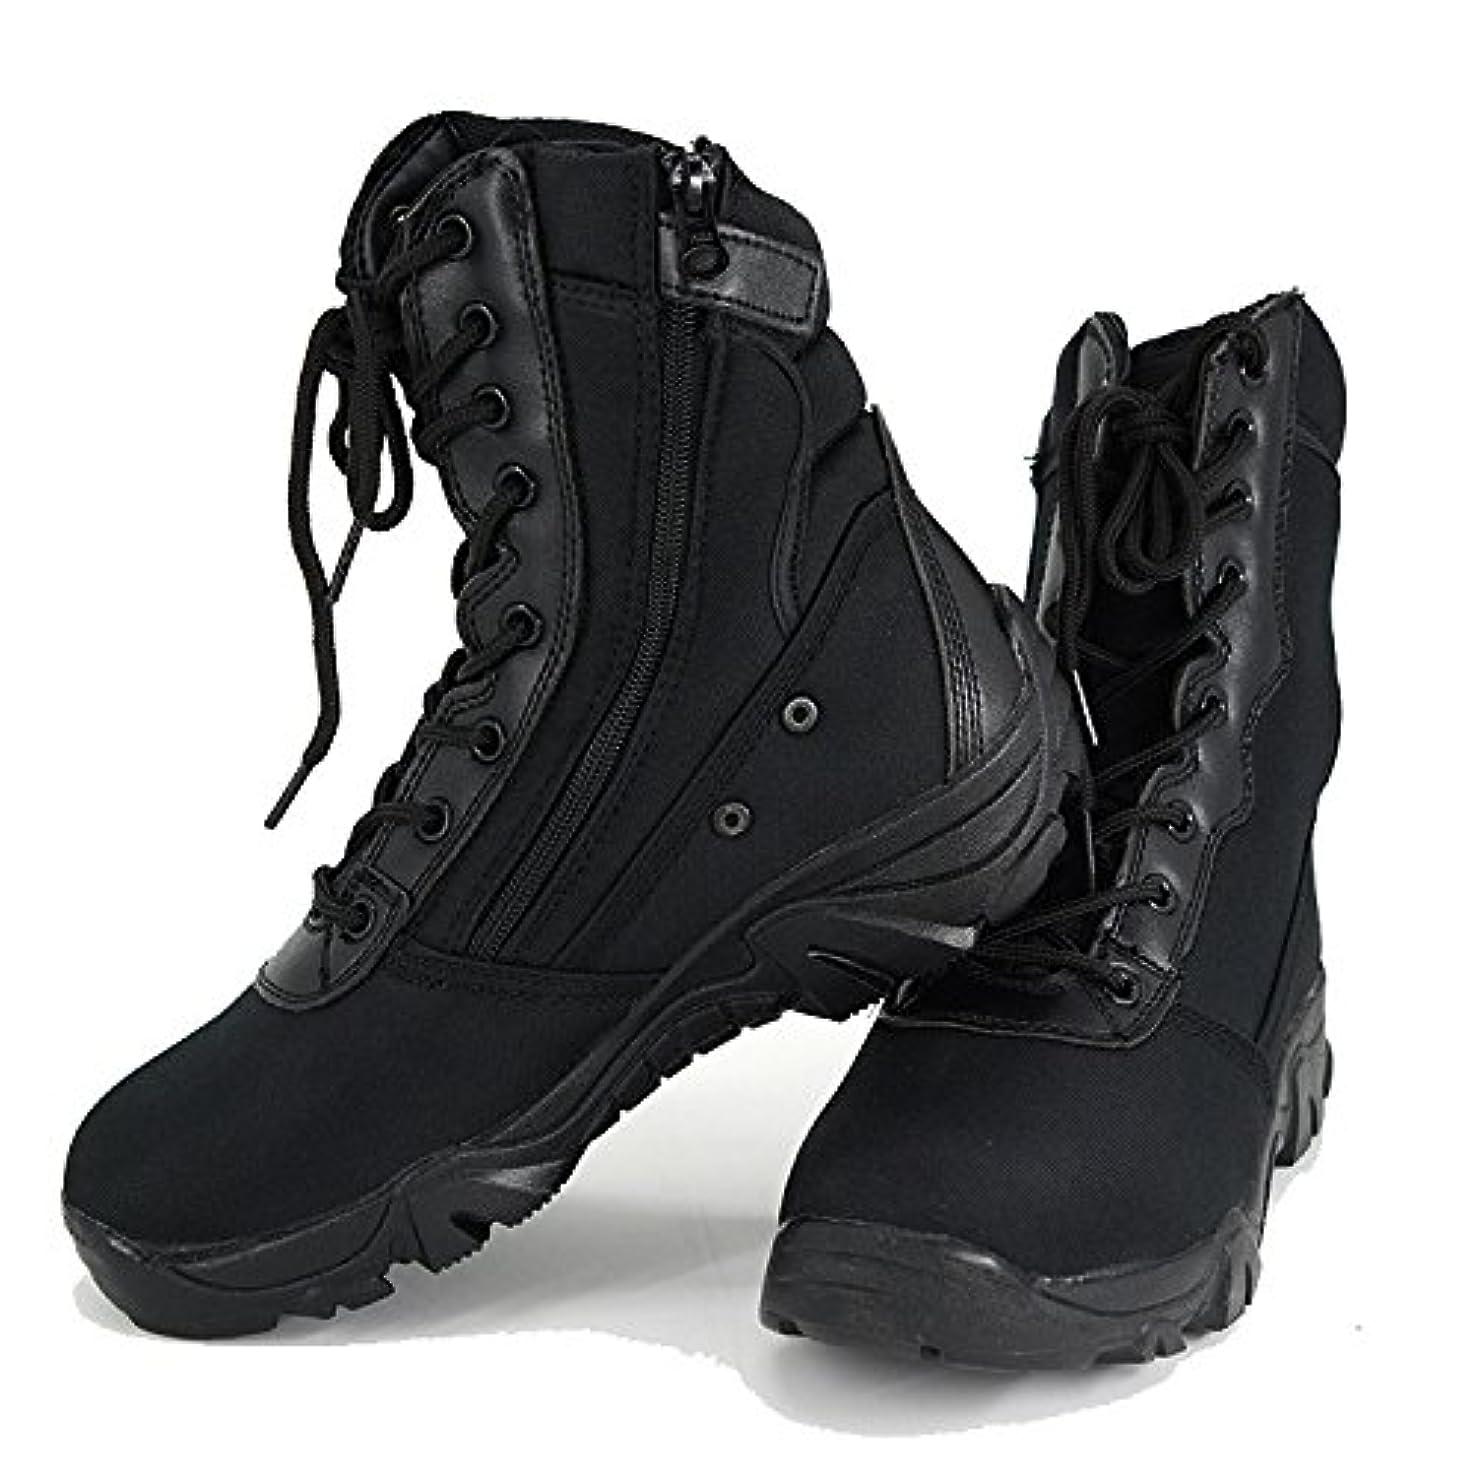 ブルヒューム確認(sabsta) サバゲー タクティカル ブーツ サイドジッパー 迷彩 トレッキング シューズ アウトドア 登山 通気性 厚い靴底 (ブラック, 25.5~26cm)